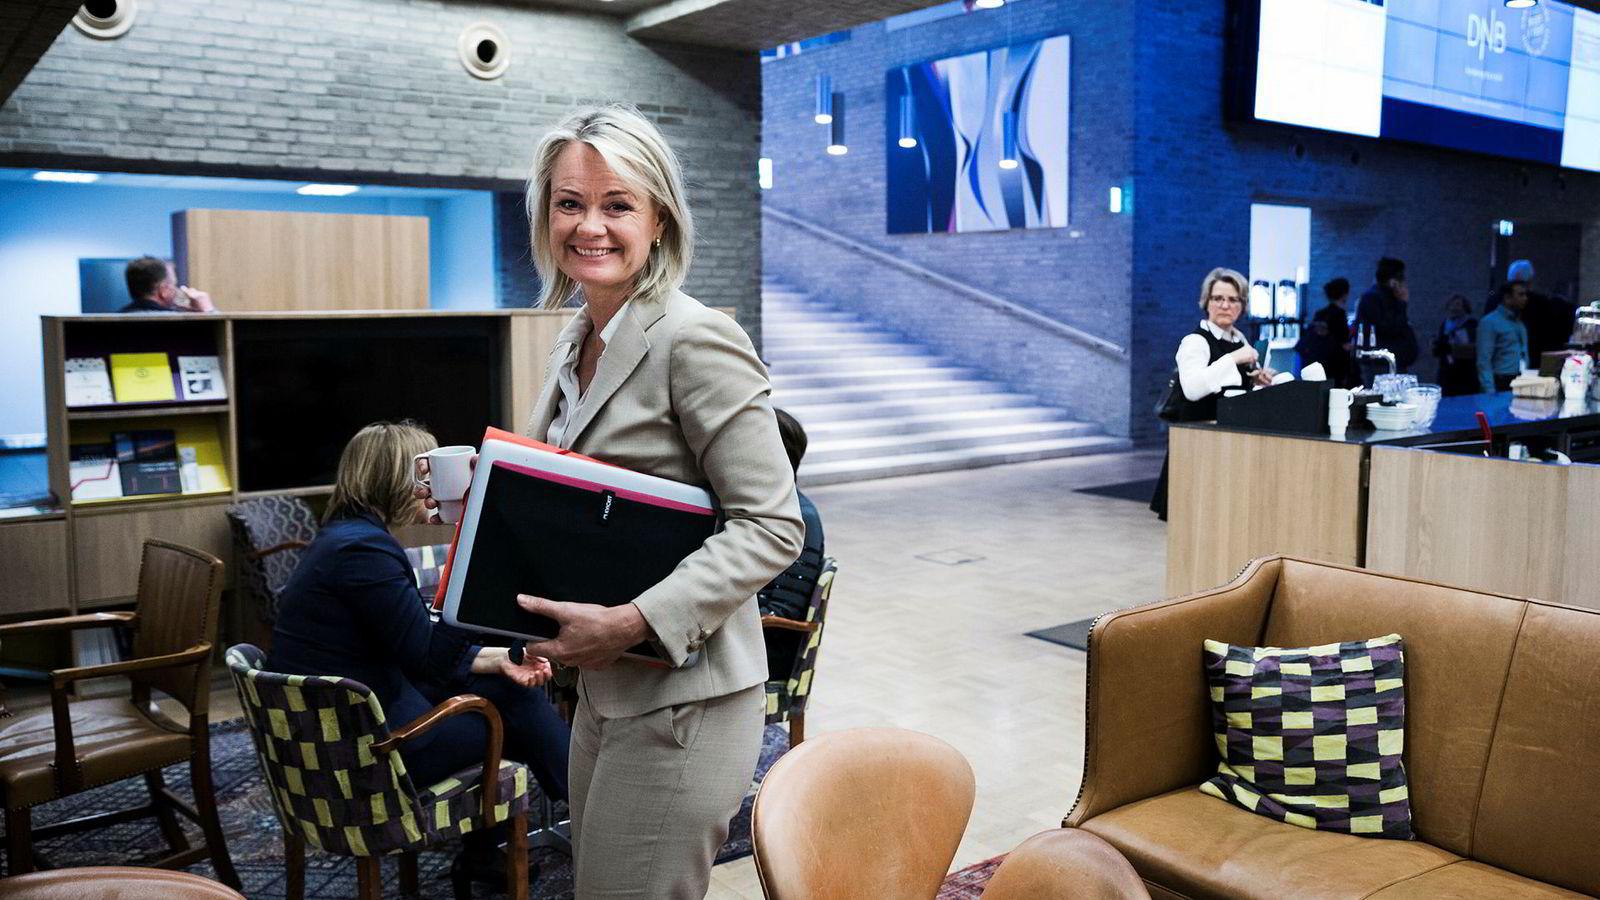 Ingjerd Blekeli Spiten i DNB er forberedt på ny konkurranse i mobilbankmarkedet. Men hun tror også folk flest vil ha mest tillit til bankene.